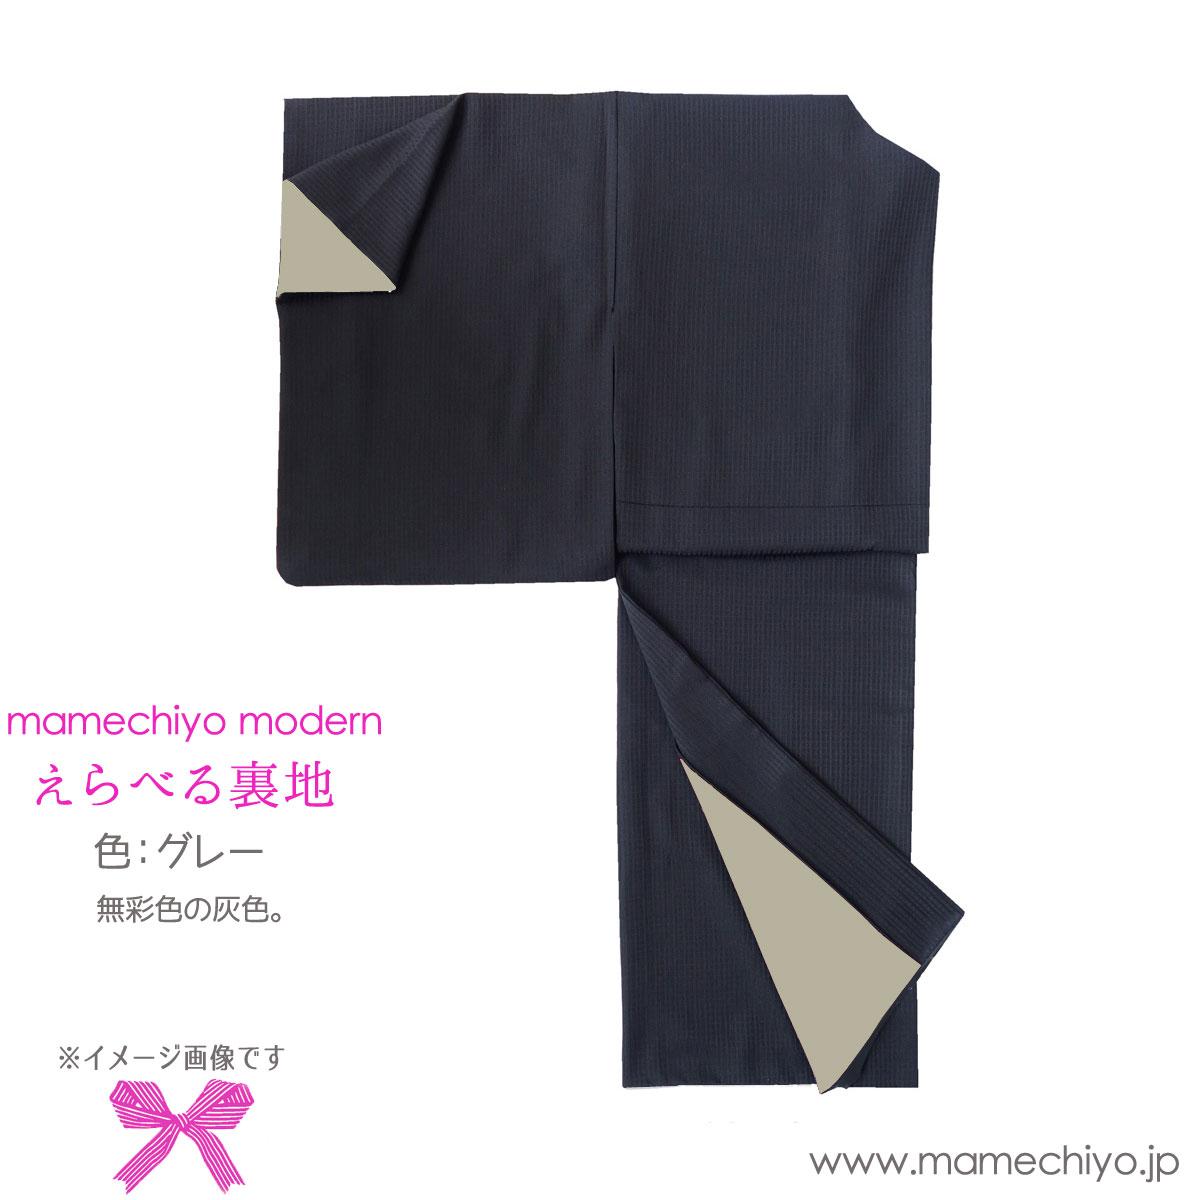 【受注:えらべる裏地】袷着物 puzzle (ブラック)